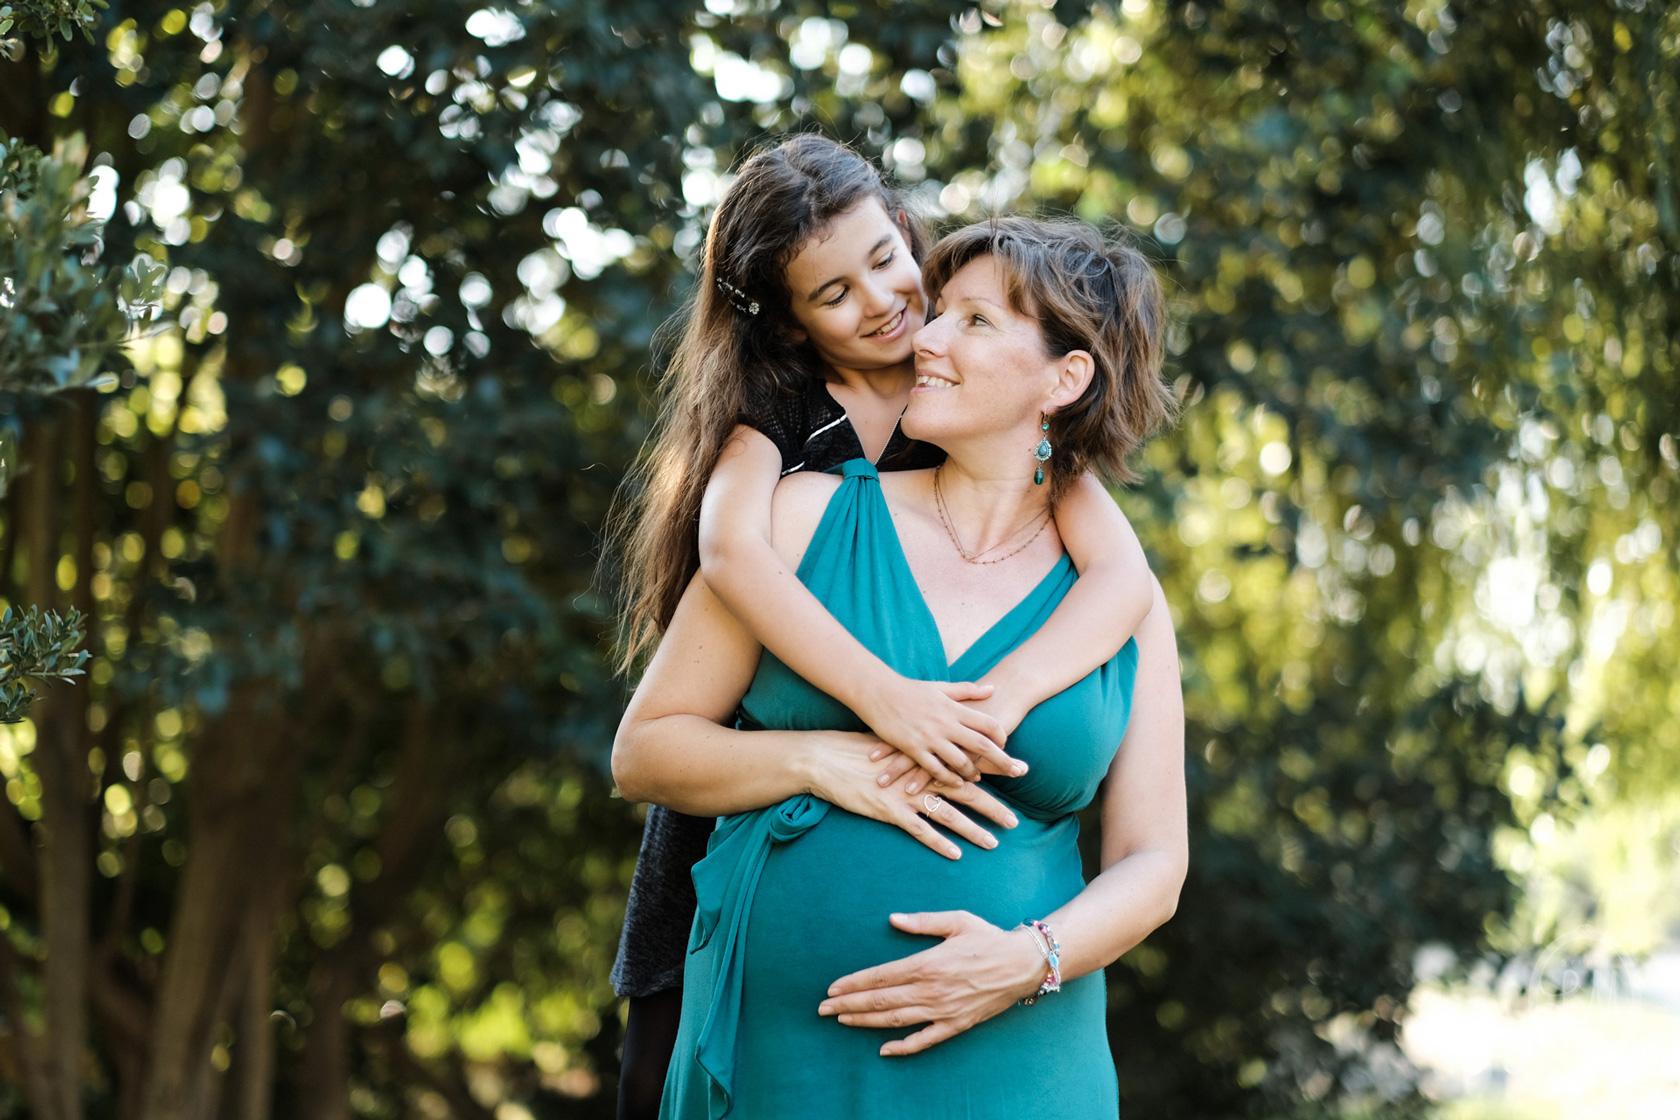 seance-photo-grossesse-avec-ma-fille-en-exterieur-studio-lm-01.jpg